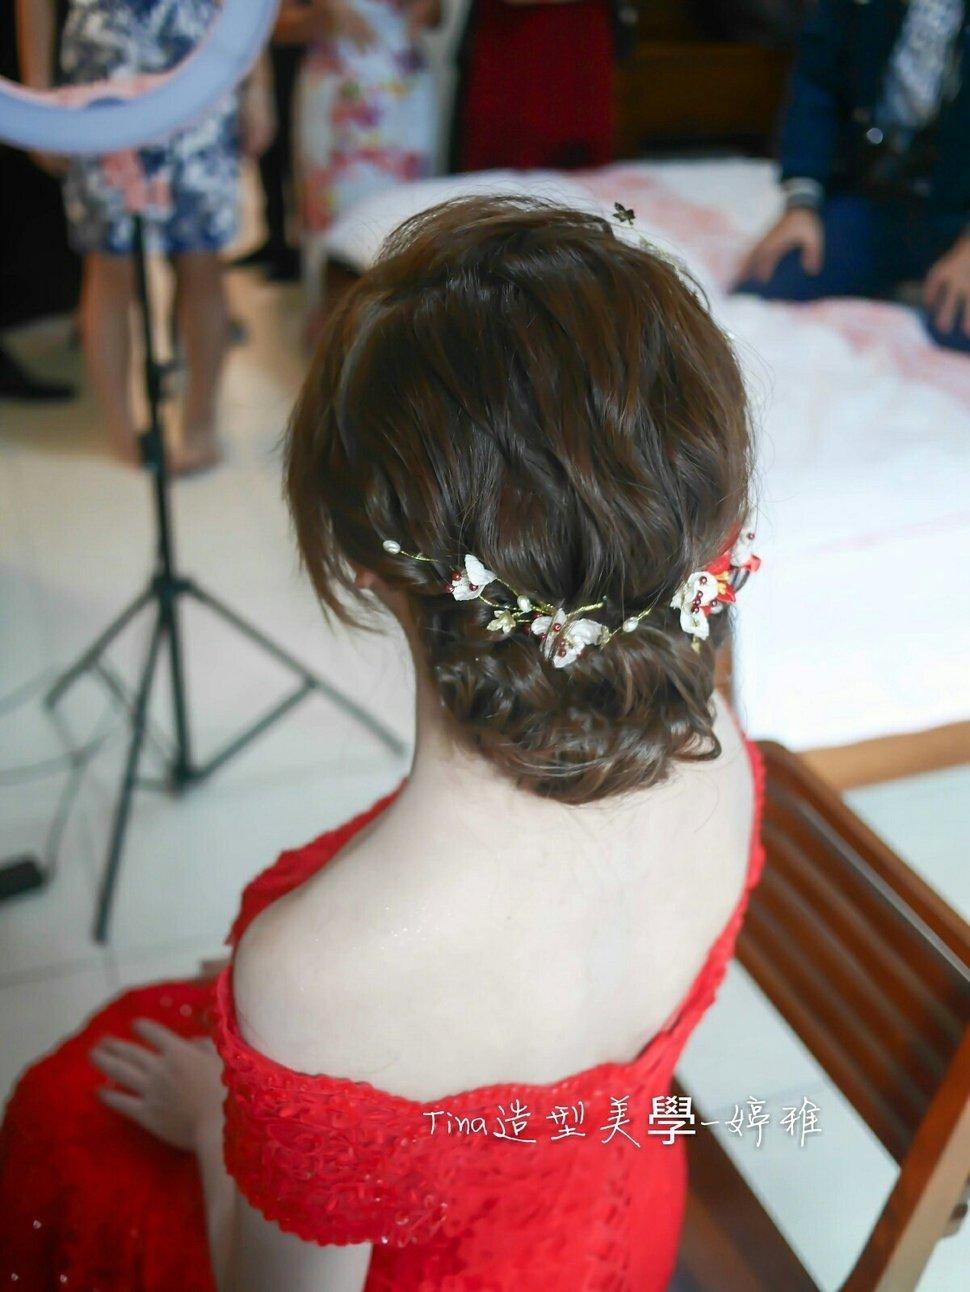 婚宴照片_190115_0021 - 雲林新秘/嘉義新娘秘書/Tina造型美學《結婚吧》